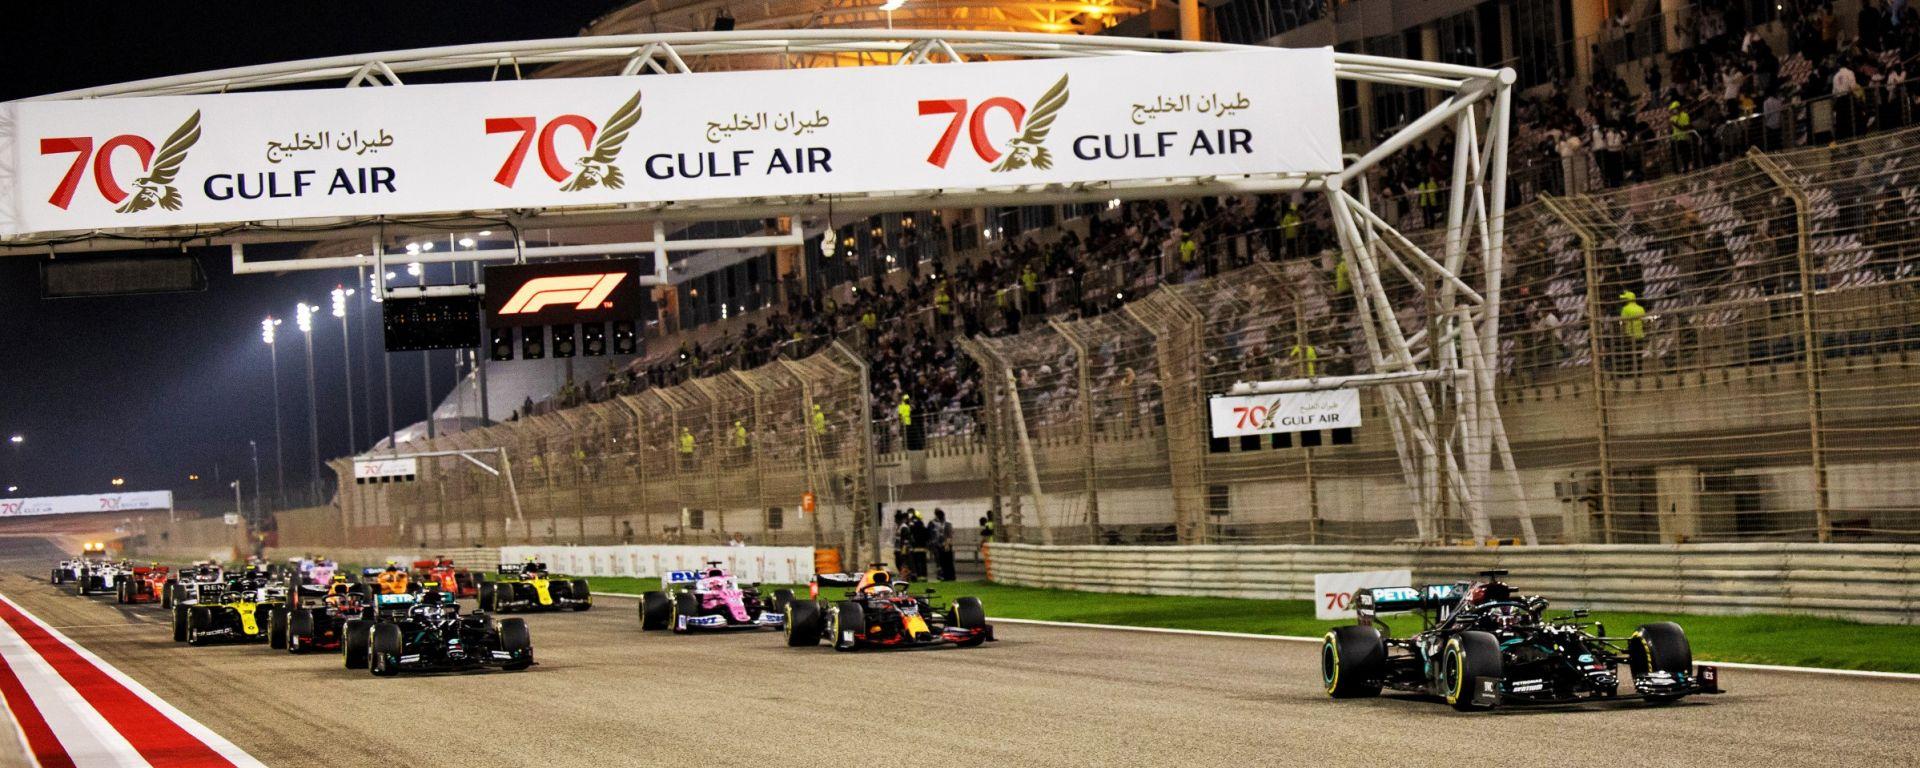 F1, GP Bahrain 2020: la partenza della gara